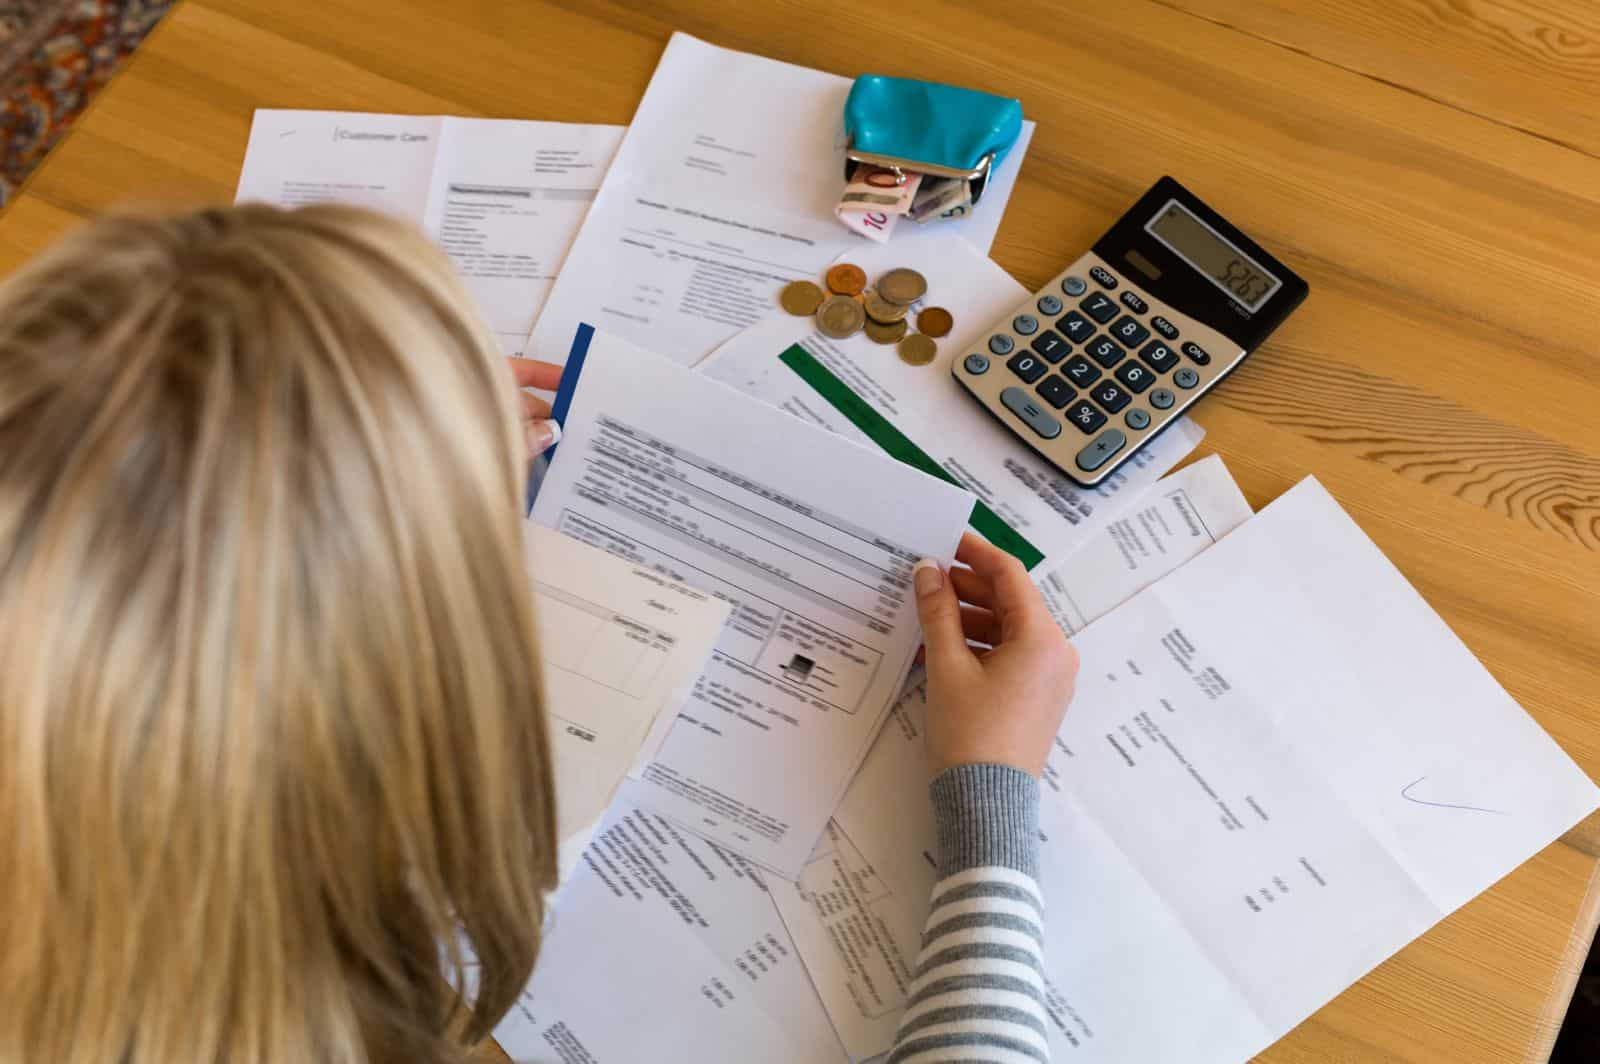 Как правильно оплатить командировку в выходной день – примеры расчета оплаты. Предоставляется ли отгул?